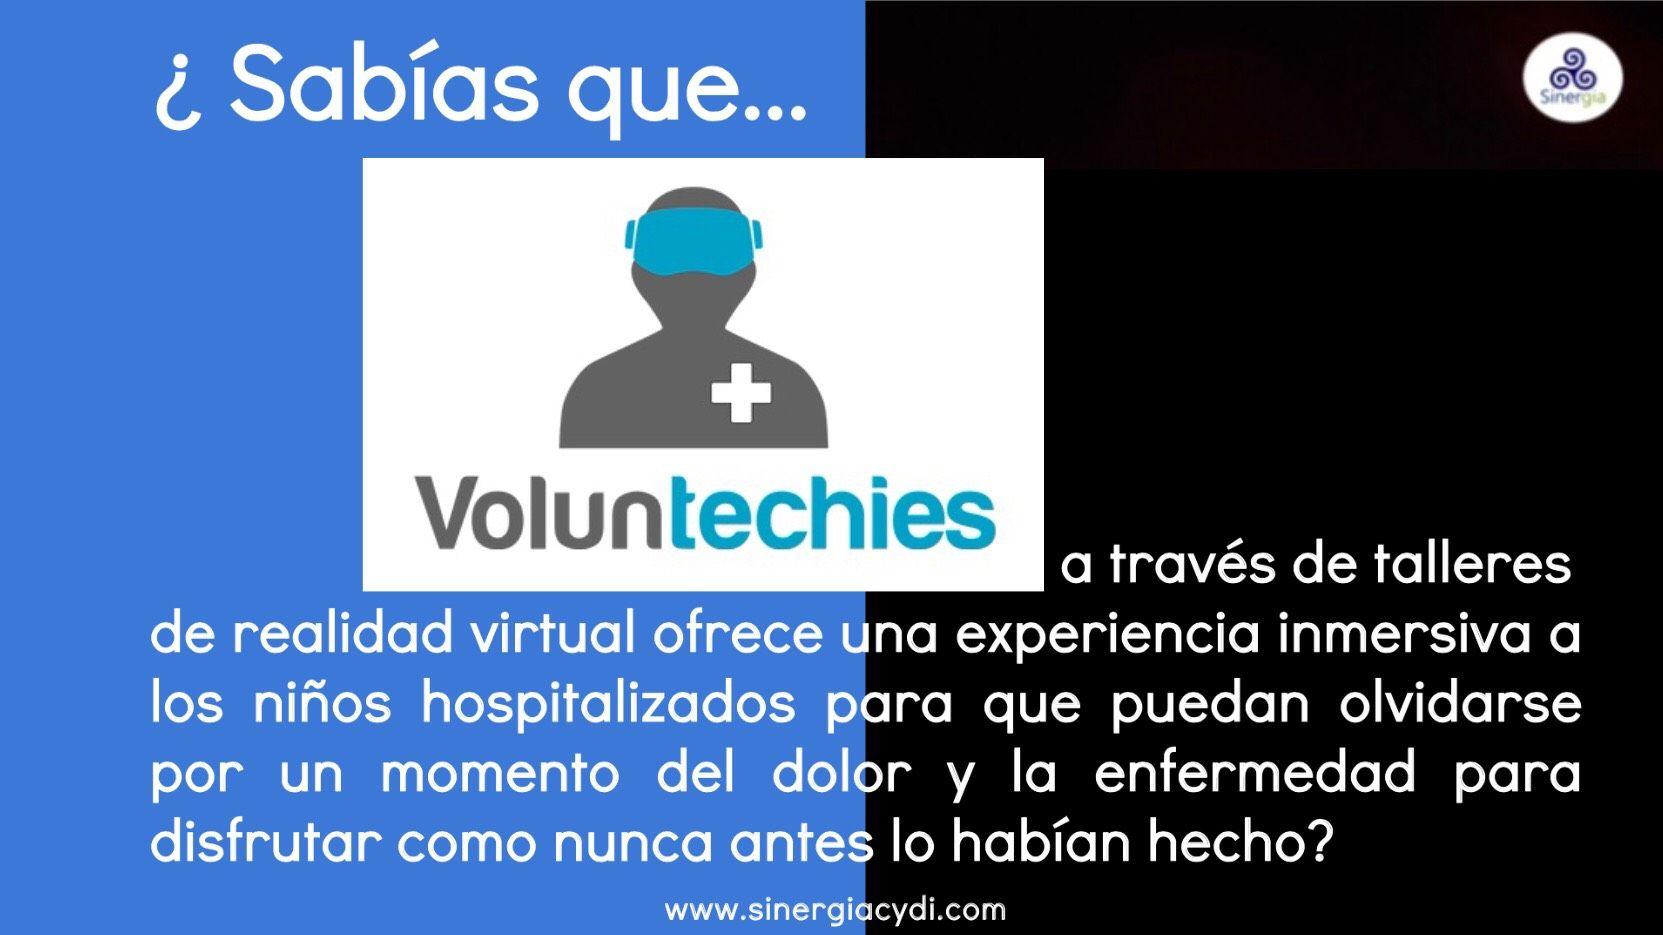 Voluntechies.org realidad virtual al servicio de niños hospitalizados